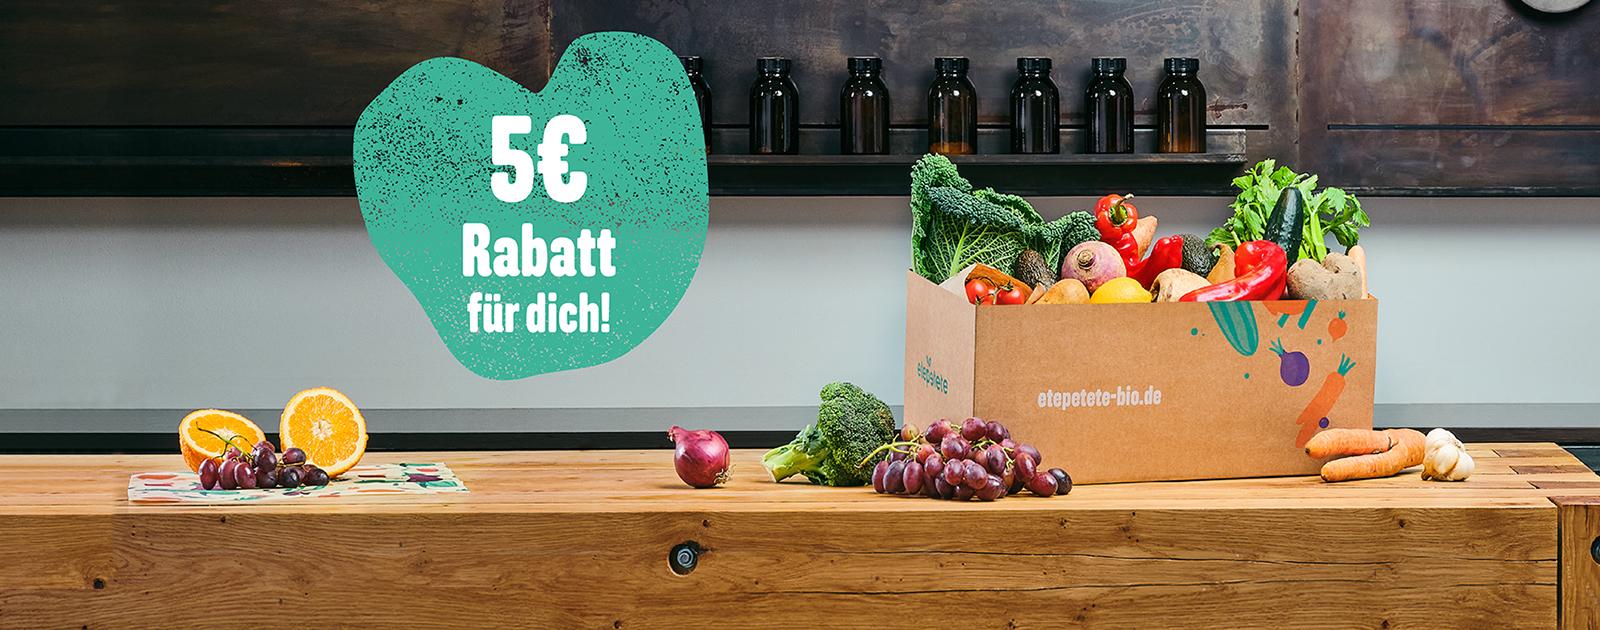 etepetete: Jetzt Lebensmittel-Retter*in werden und 5€ Rabatt sichern!